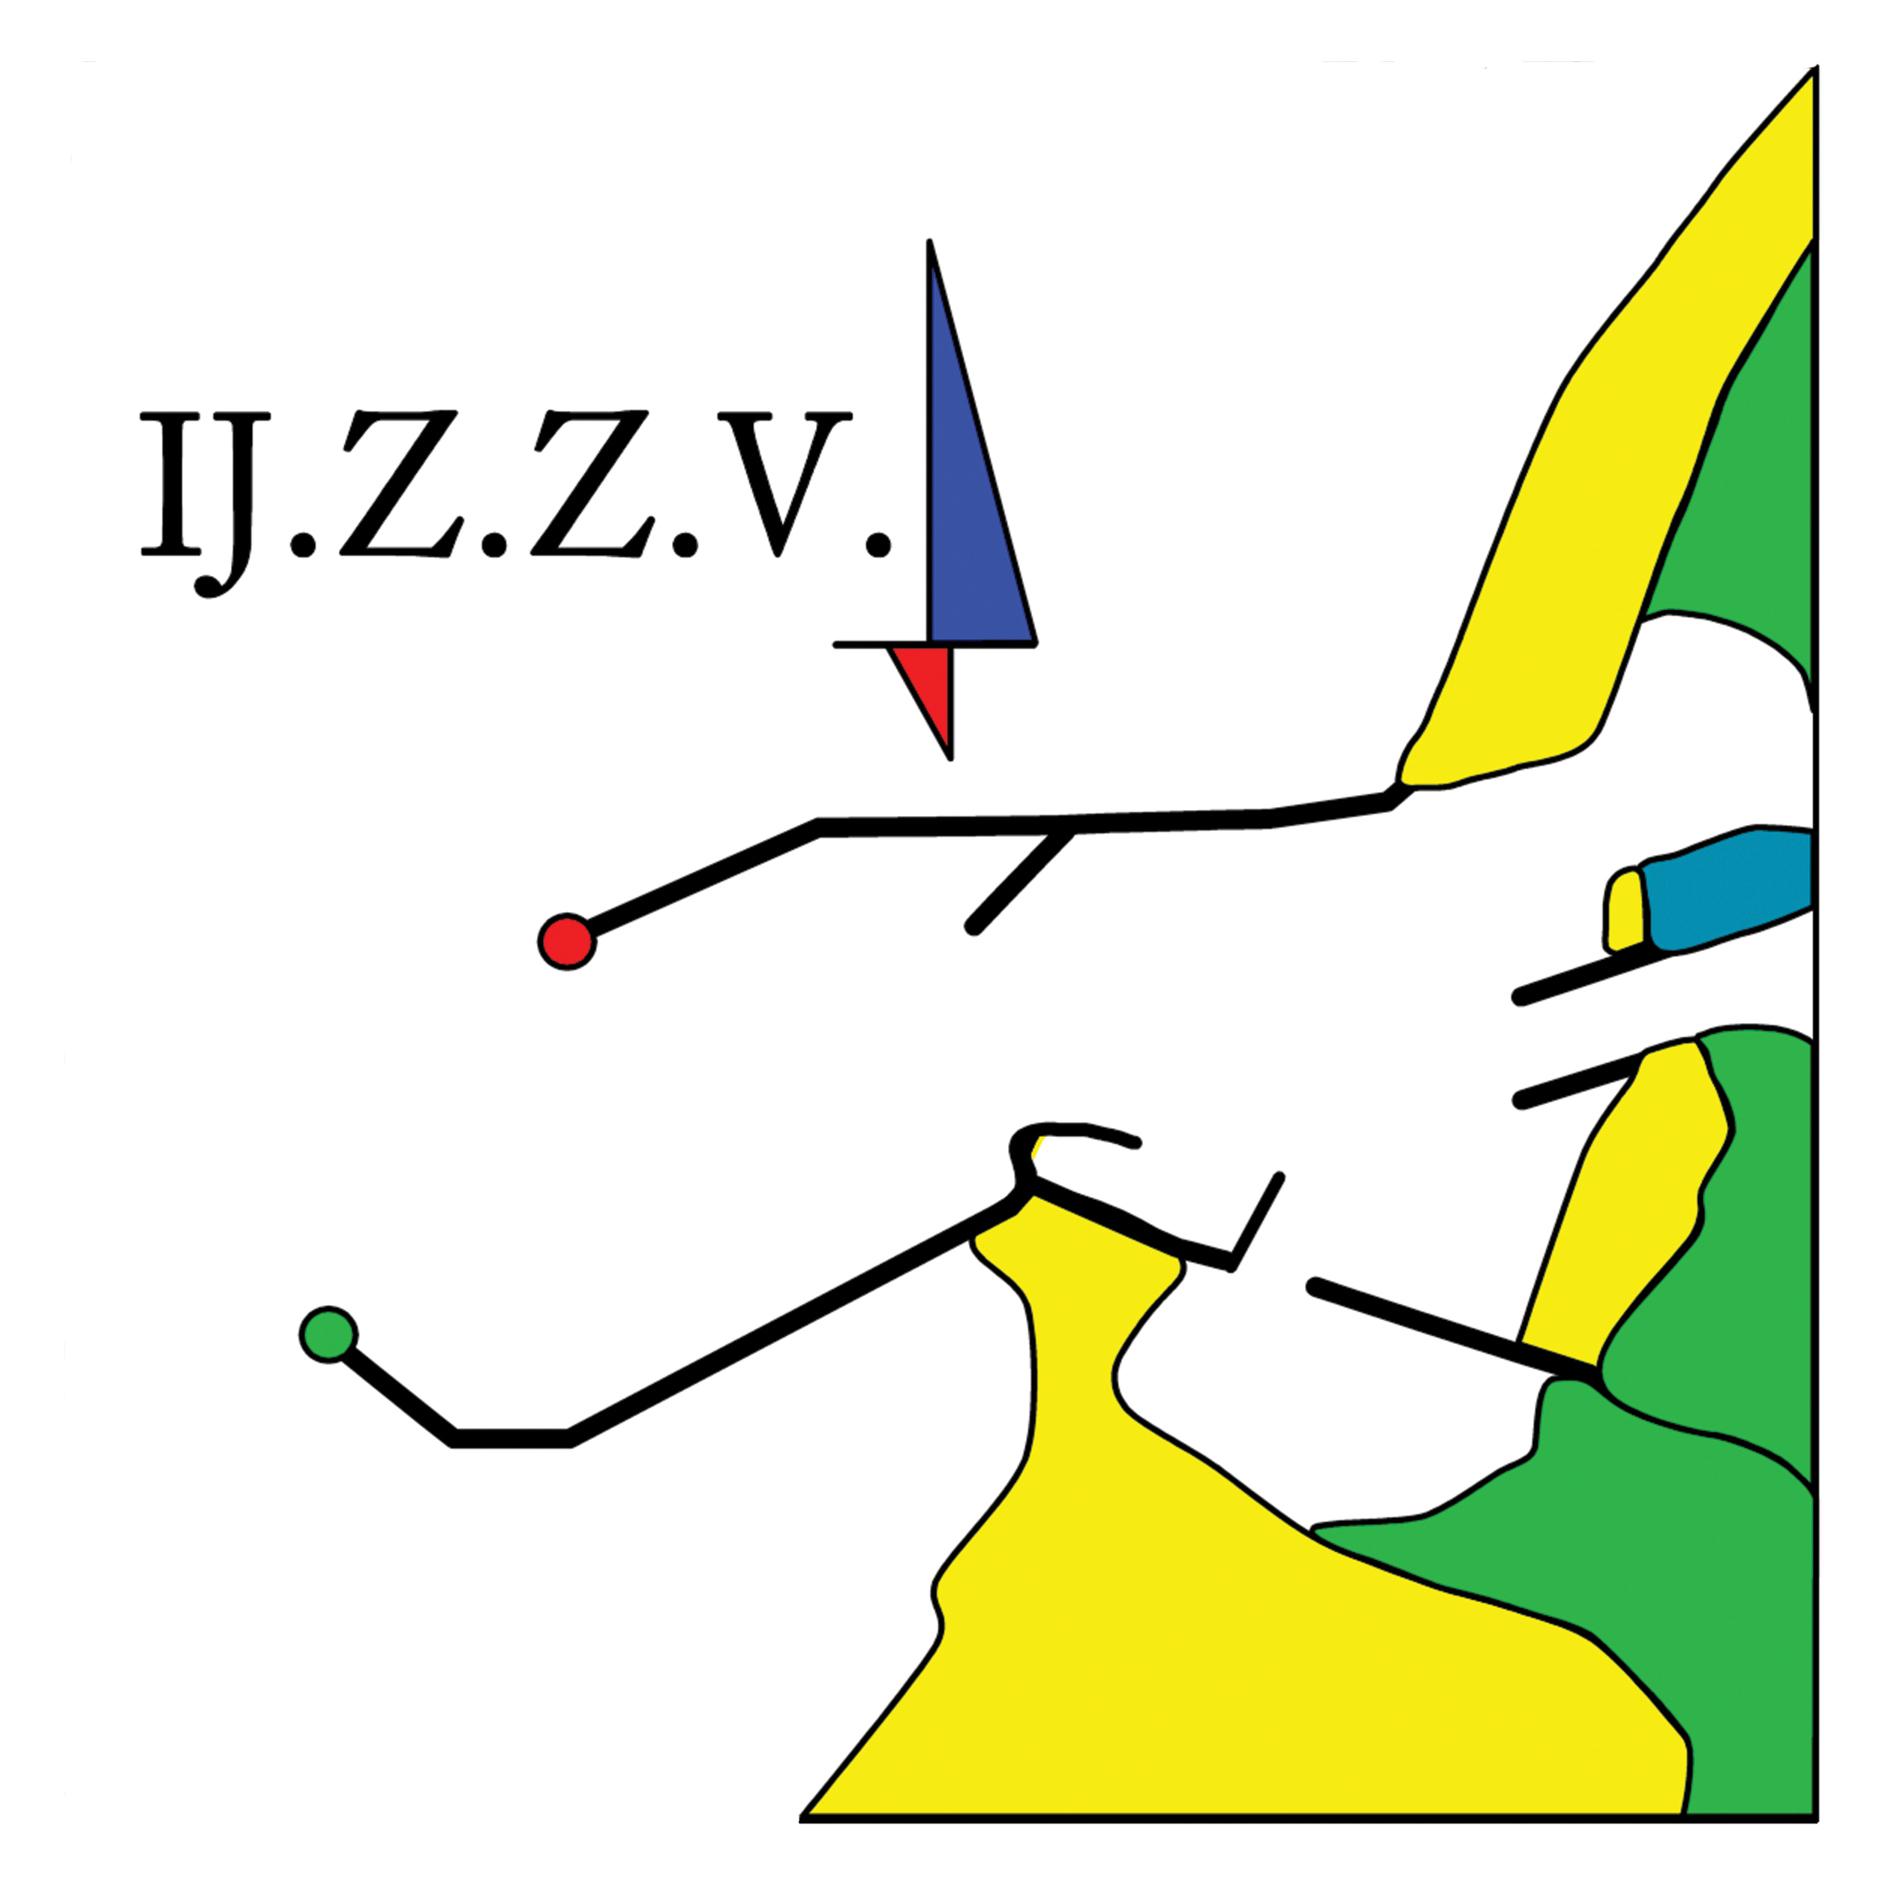 Afbeeldingsresultaat voor logo ijmuider-zuidpier-zeevisvereniging